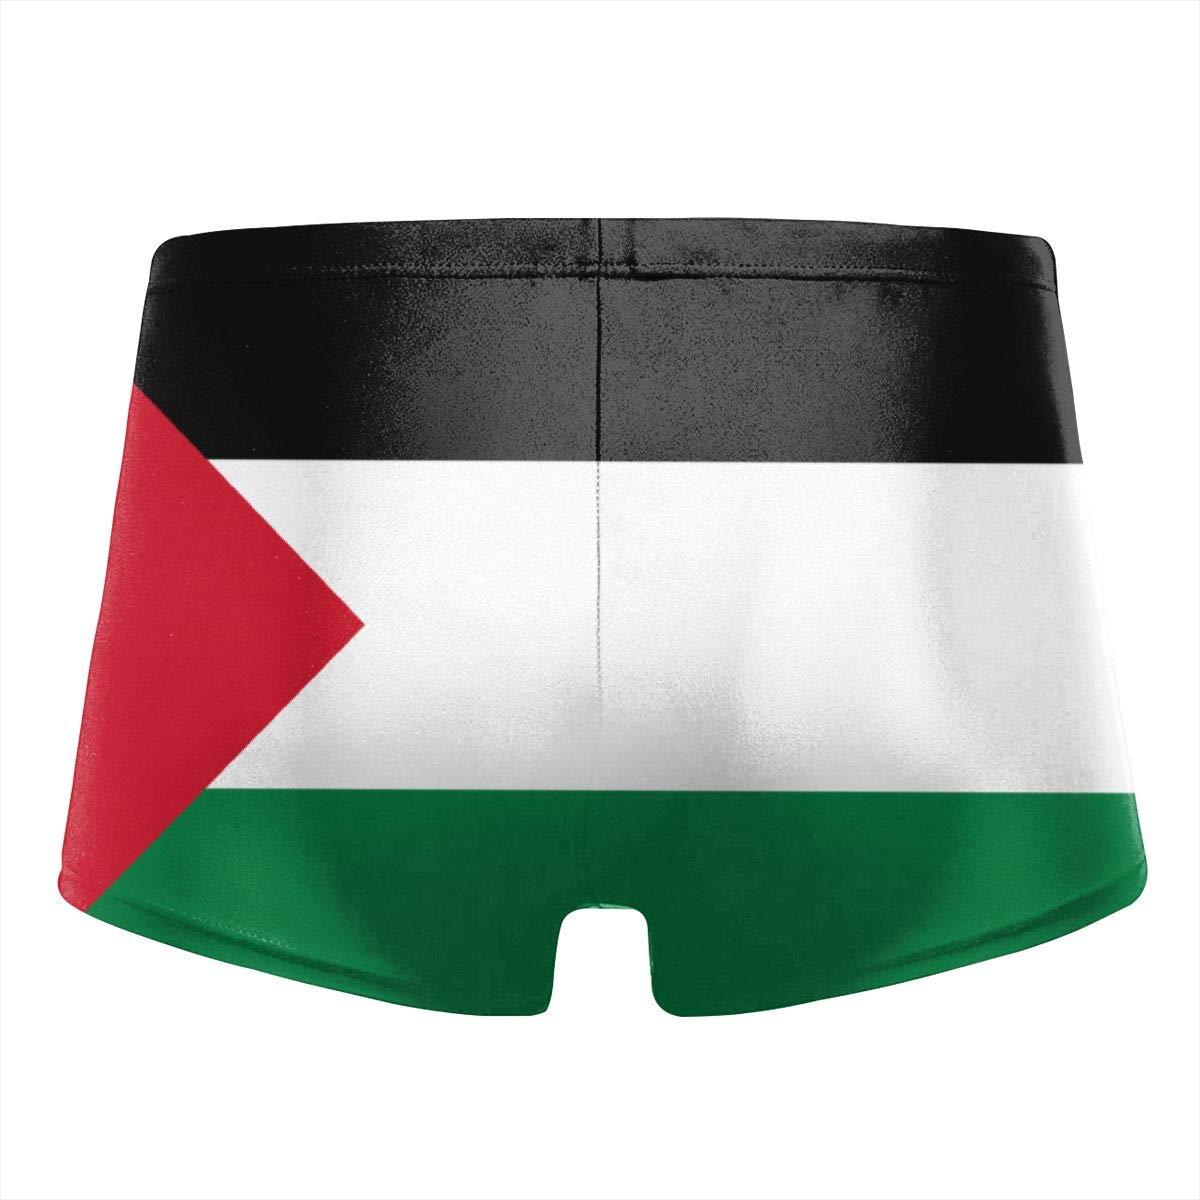 Henry Malthus Flag of Palestine Basic Men Swimwear Swim Boxer Trunks Surf Shorts